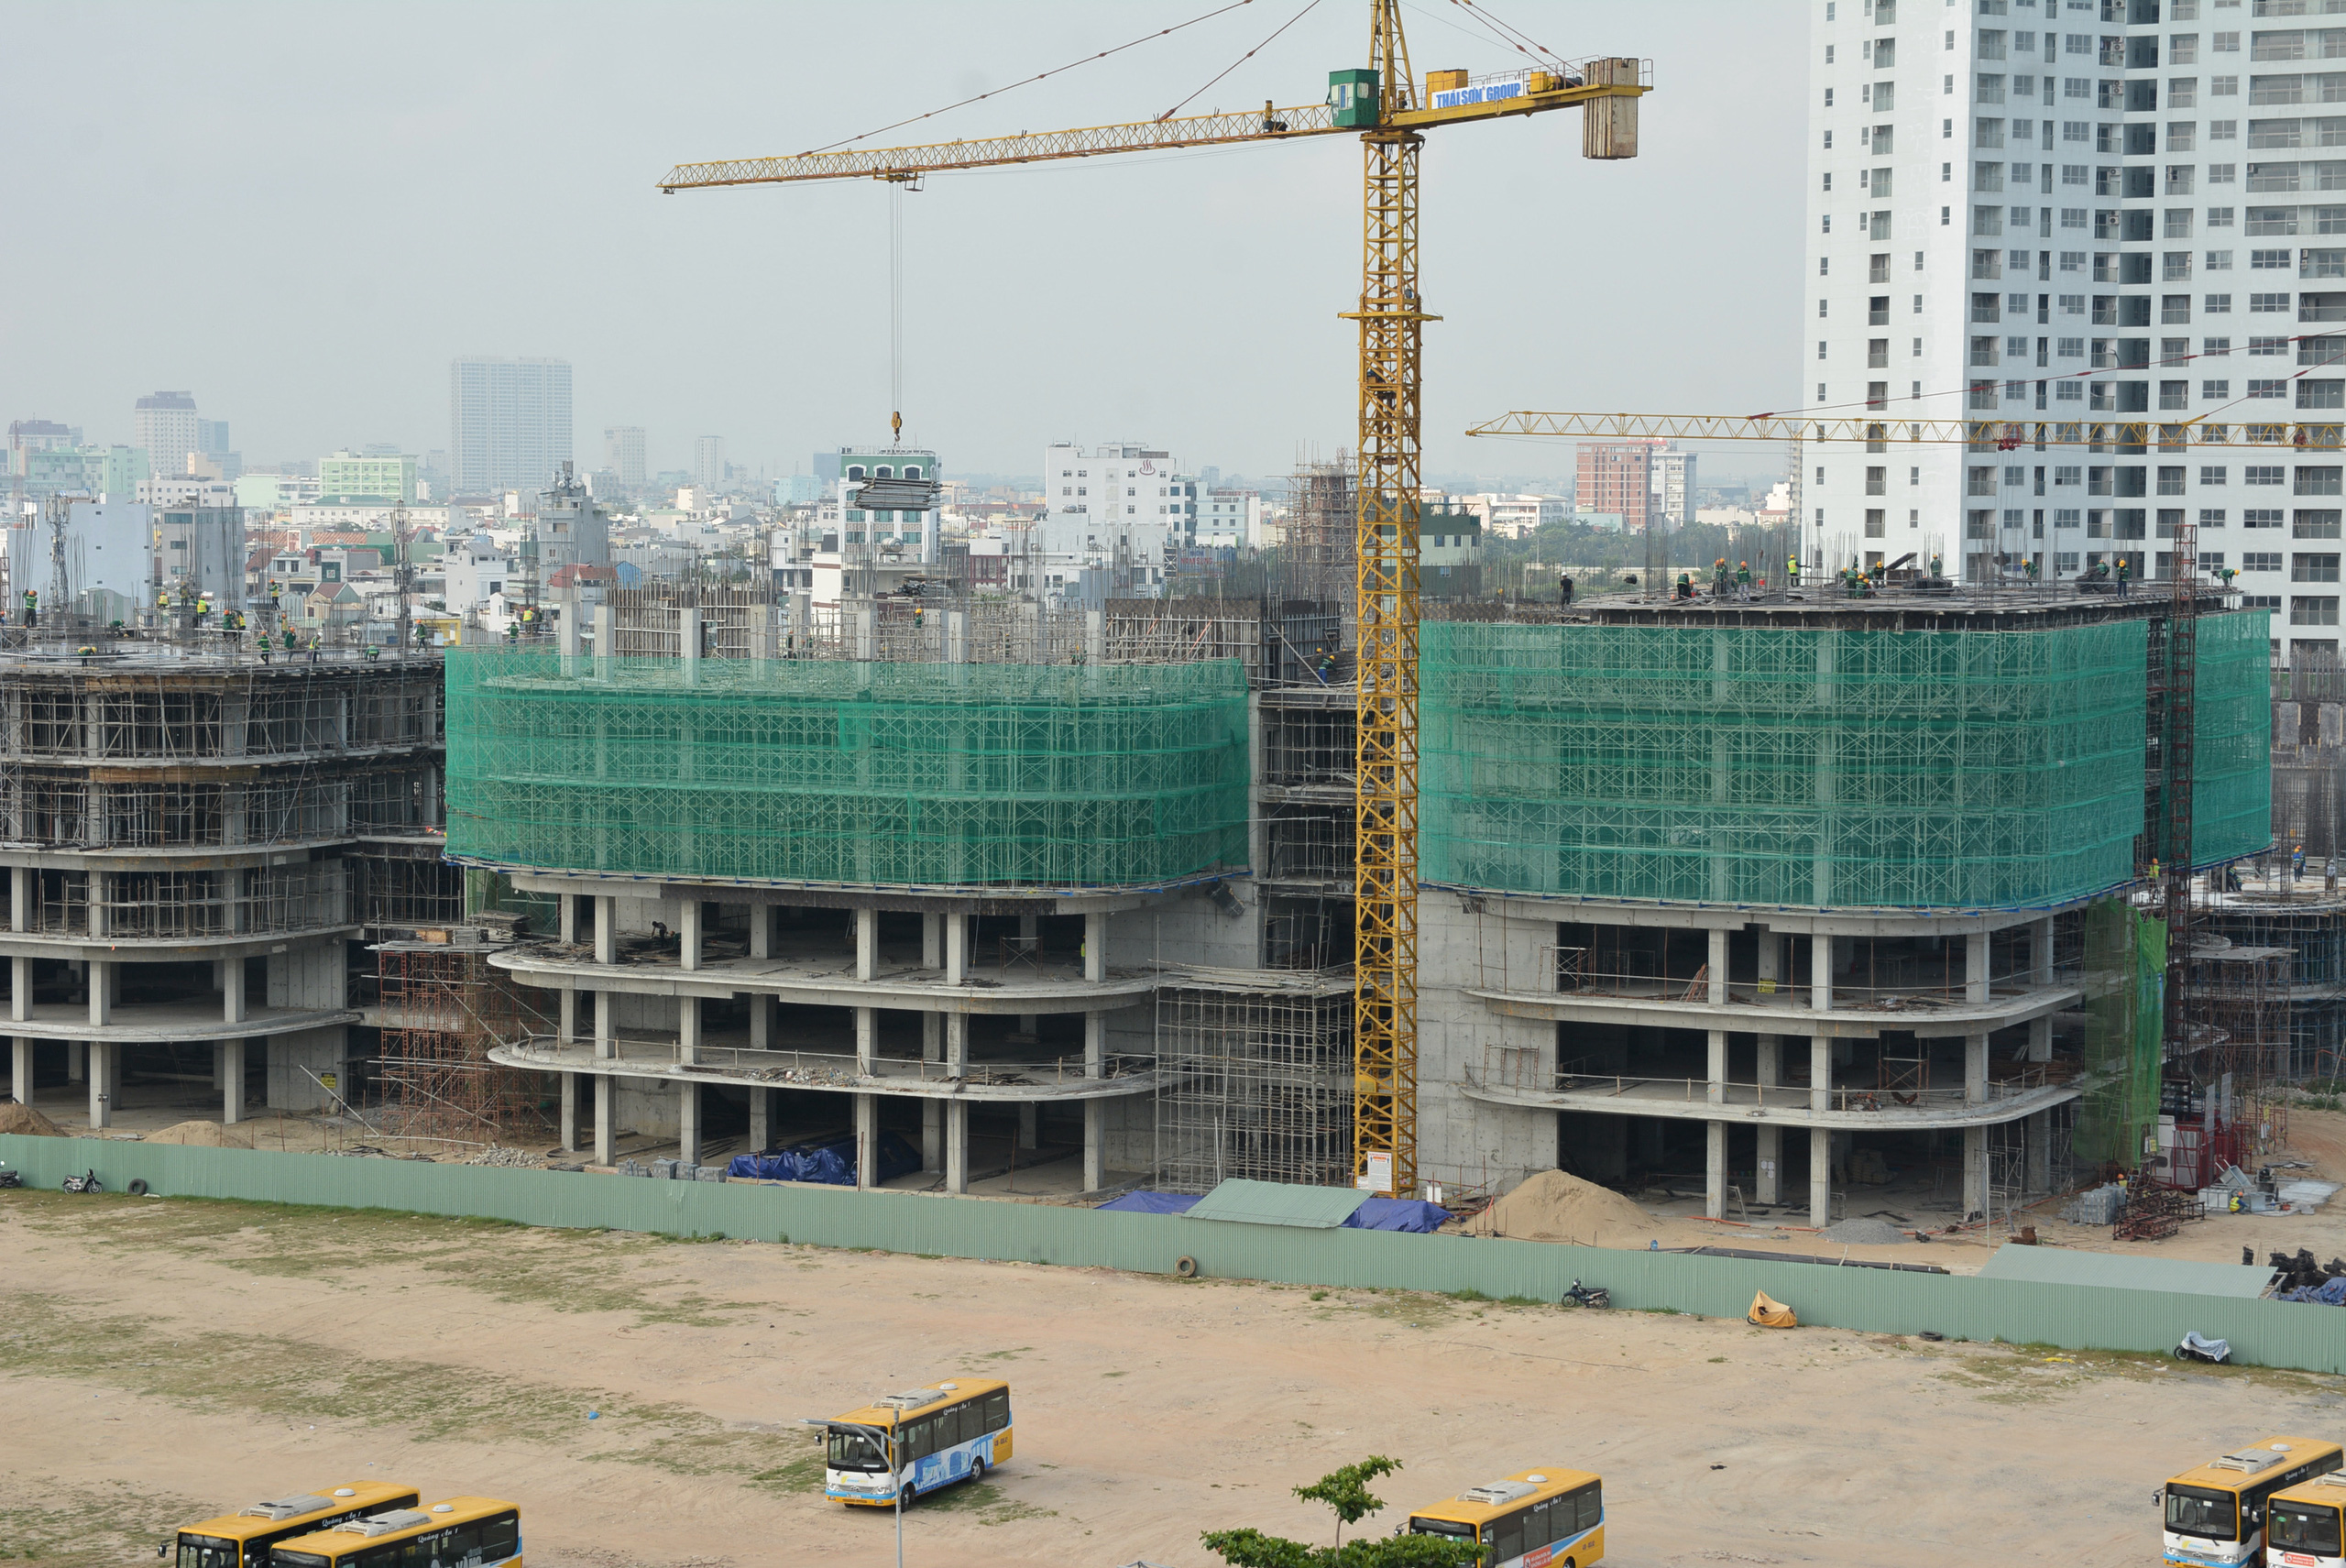 Dự án Khu công viên phần mềm số 2 hơn 700 tỷ đồng Đà Nẵng thành hình sau 5 tháng thi công - Ảnh 10.